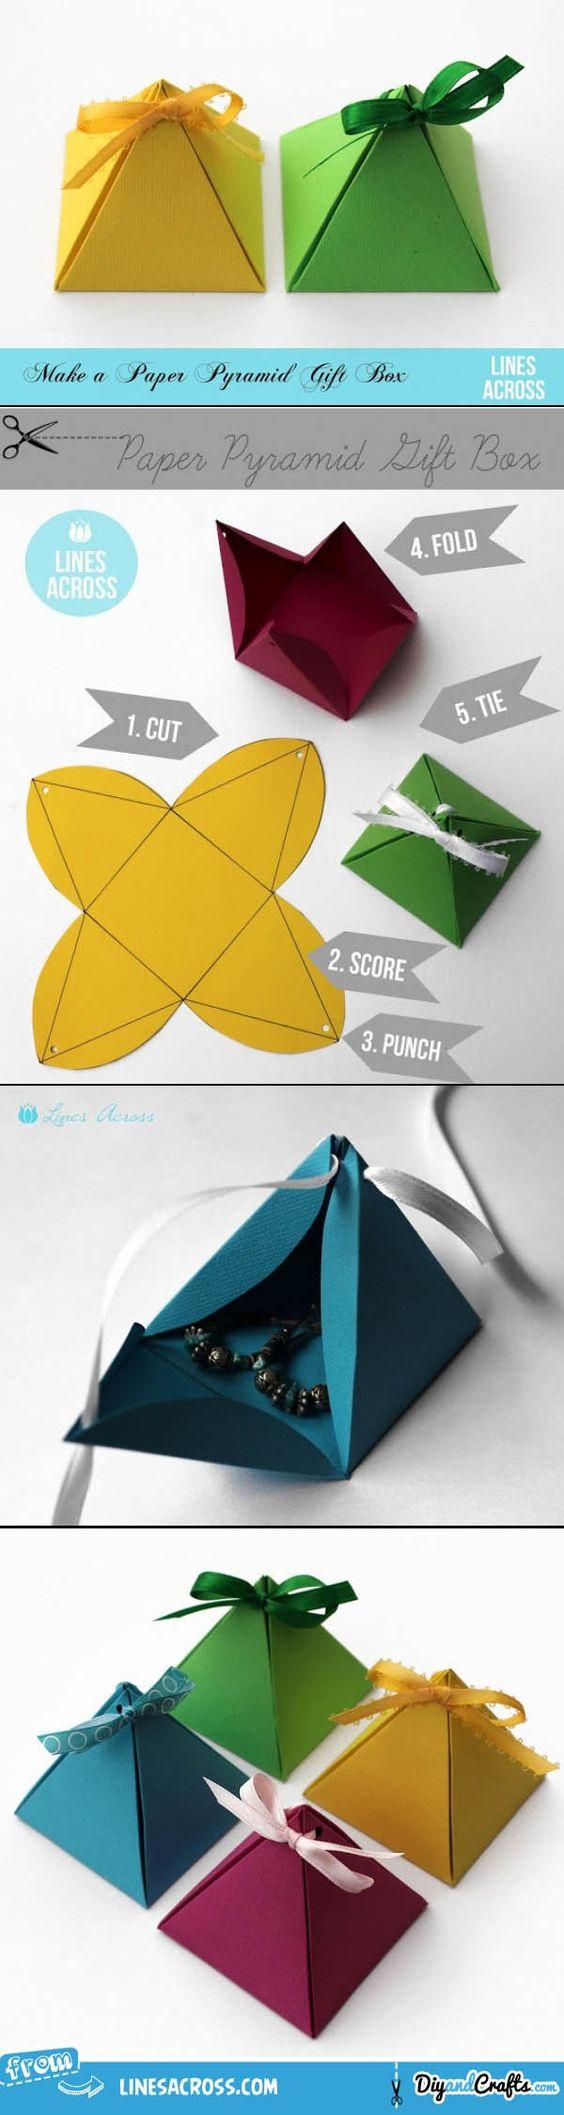 Un petit cadeau pour les filles astuces pinterest papier origami joail - Papier cadeau origami ...